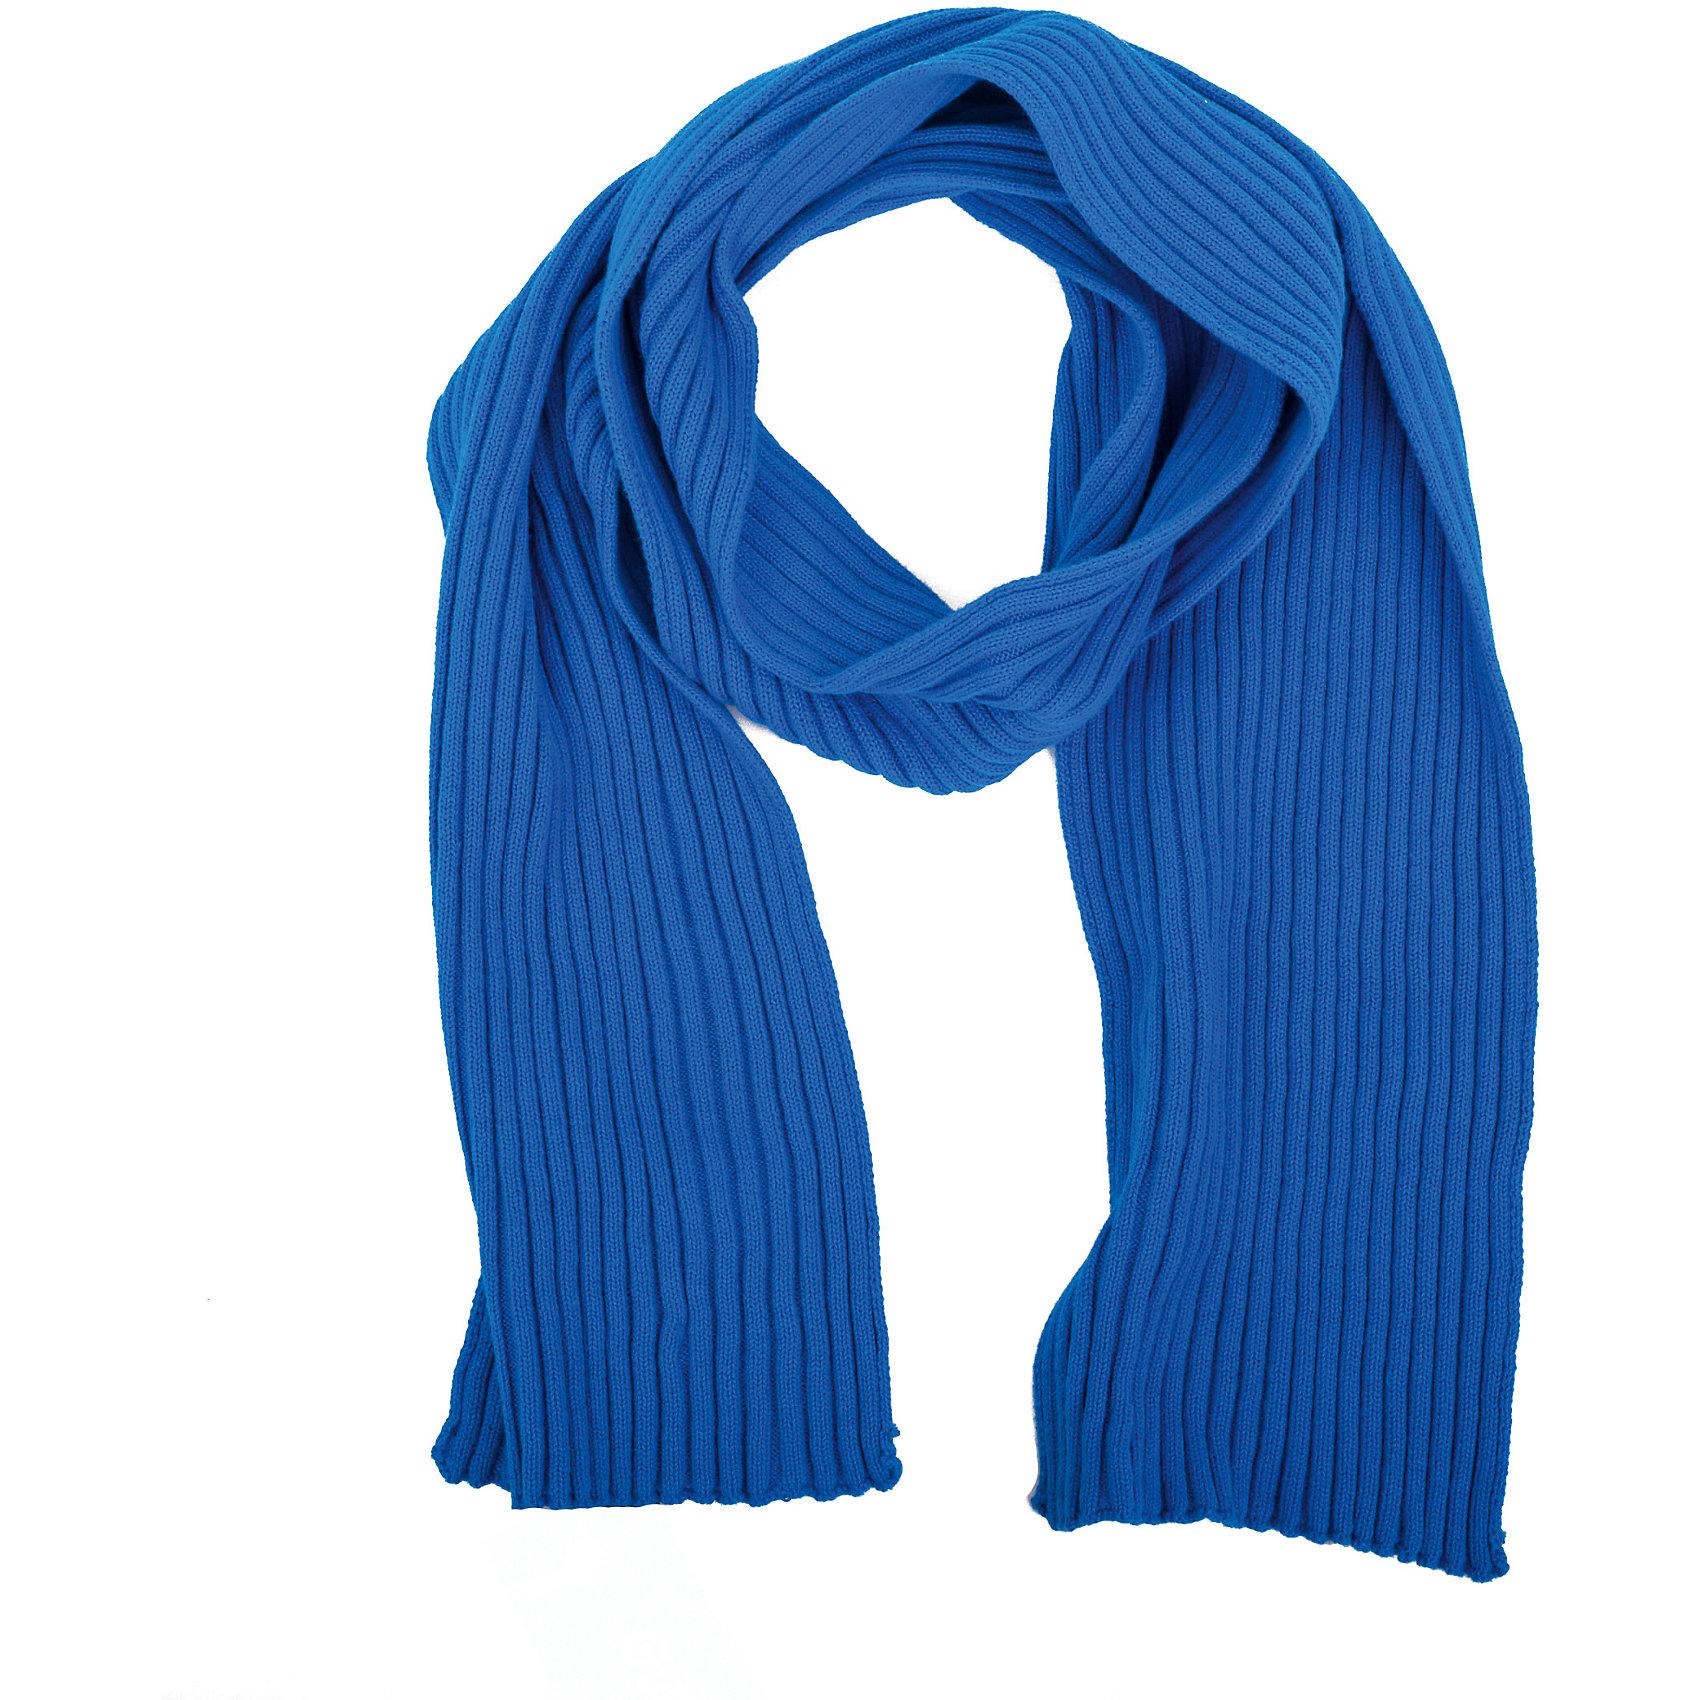 Шарф для мальчика GulliverШарфы, платки<br>Стильный вязаный шарф - важный элемент повседневного образа. Он защитит юного модника от весенней прохлады, а также придаст образу элегантную небрежность. Если вы хотите купить детский шарф не только для тепла и уюта, но и для создания завершенного весеннего лука, яркий синий шарф из мягкого хлопка - прекрасный выбор!<br>Состав:<br>100% хлопок<br><br>Ширина мм: 88<br>Глубина мм: 155<br>Высота мм: 26<br>Вес г: 106<br>Цвет: синий<br>Возраст от месяцев: 24<br>Возраст до месяцев: 72<br>Пол: Мужской<br>Возраст: Детский<br>Размер: one size<br>SKU: 5483946